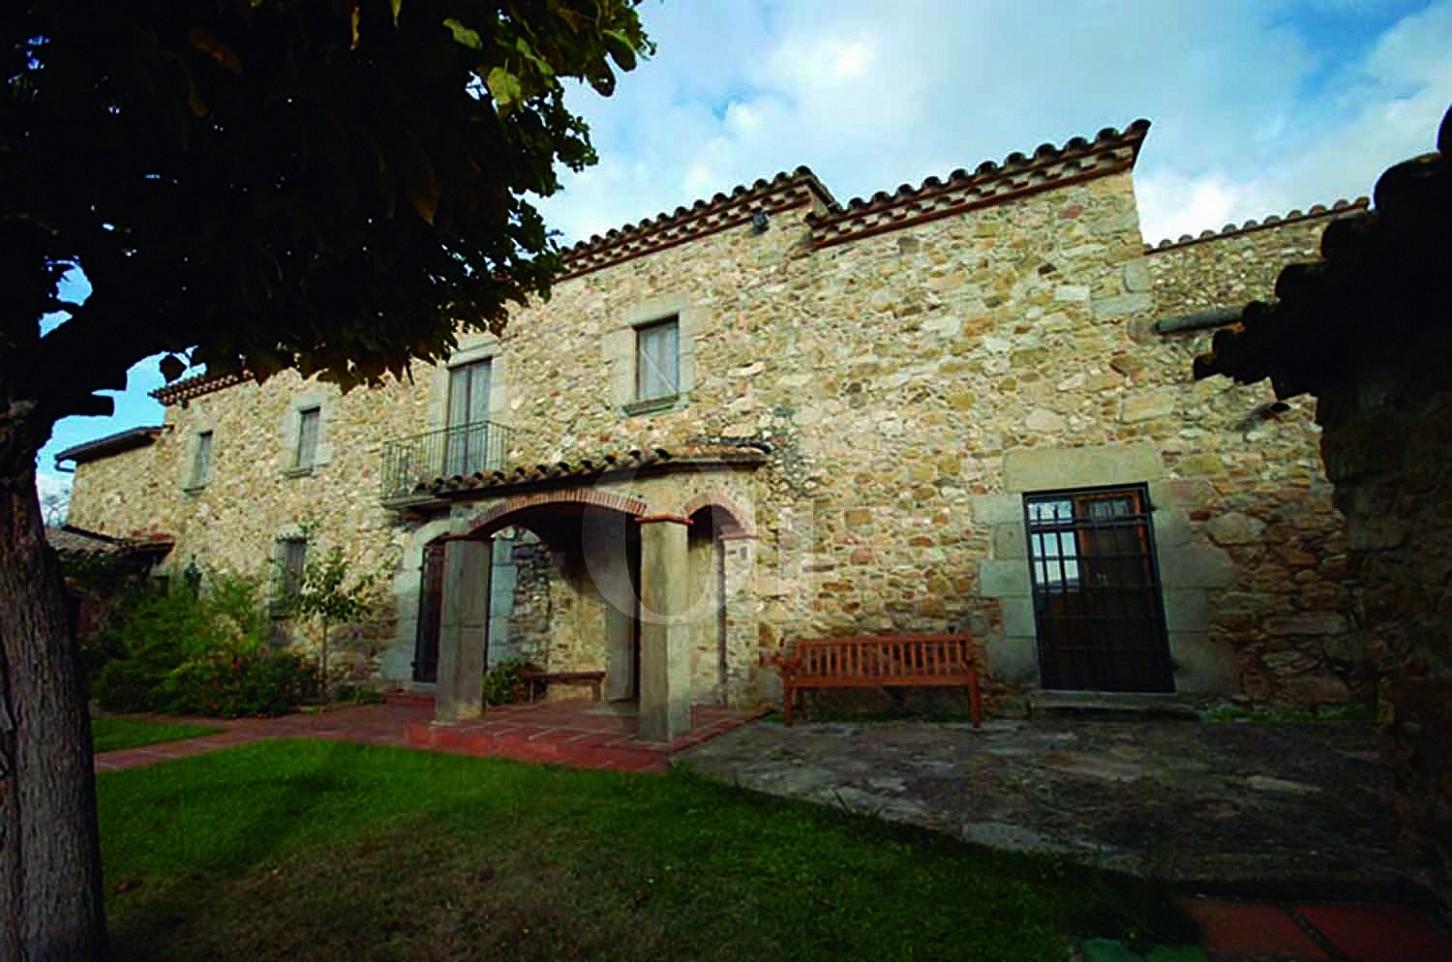 Blick auf die Fassade der Masía zum Verkauf in Calonge